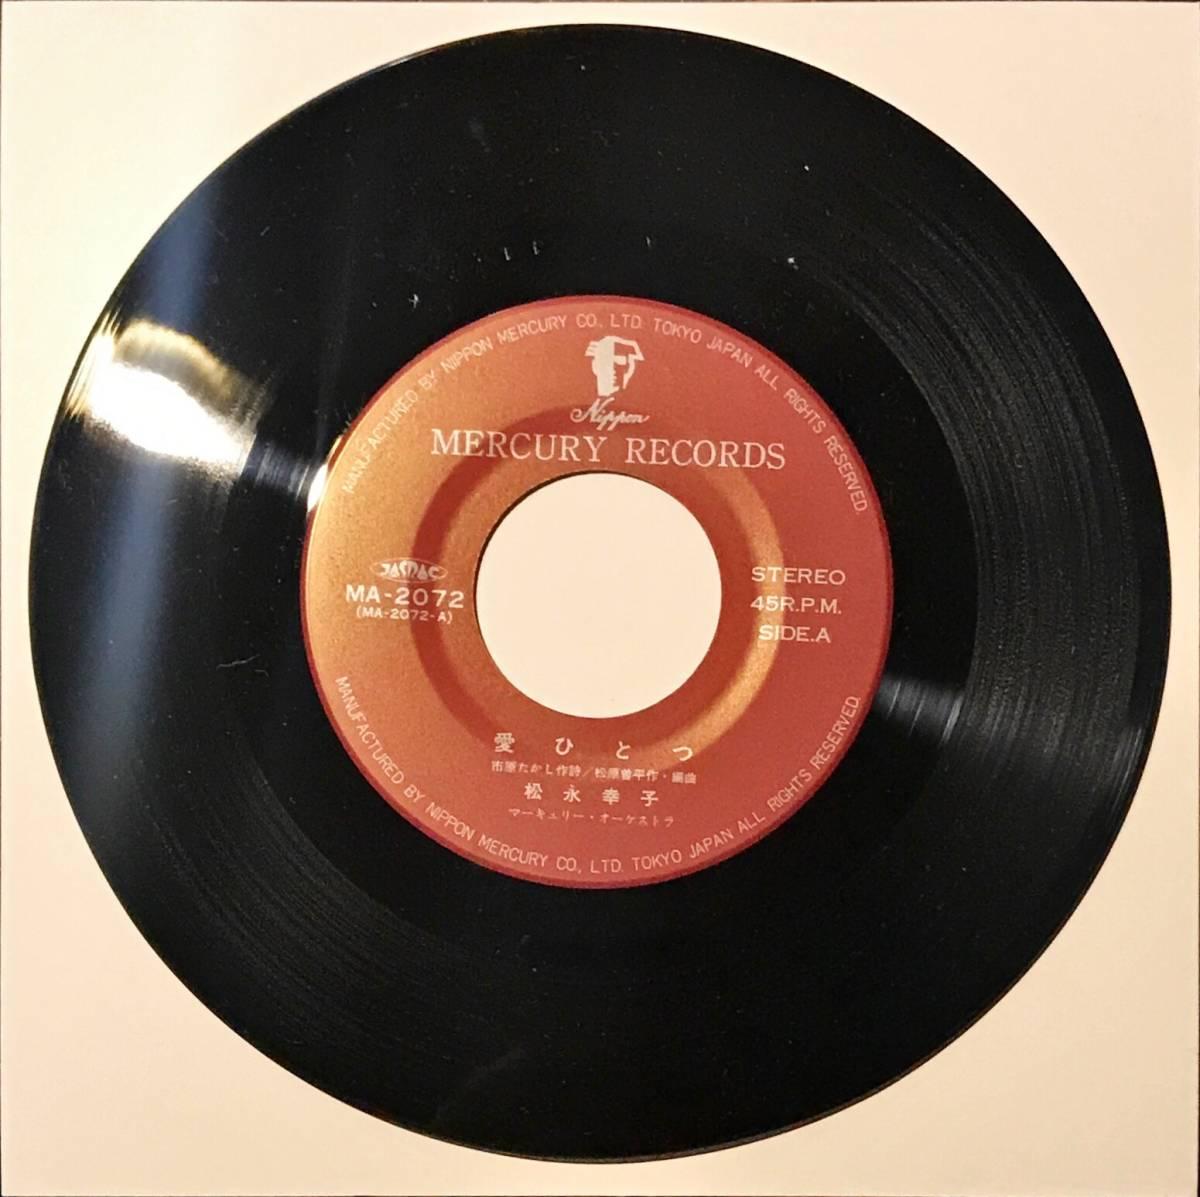 [試聴]和モノB級FUNK歌謡 松永幸子 // 愛ひとつ / おもいでブルース GROOVE [EP]ファンク 隠れマイナー盤レコード お酒ソング 7inch_画像4